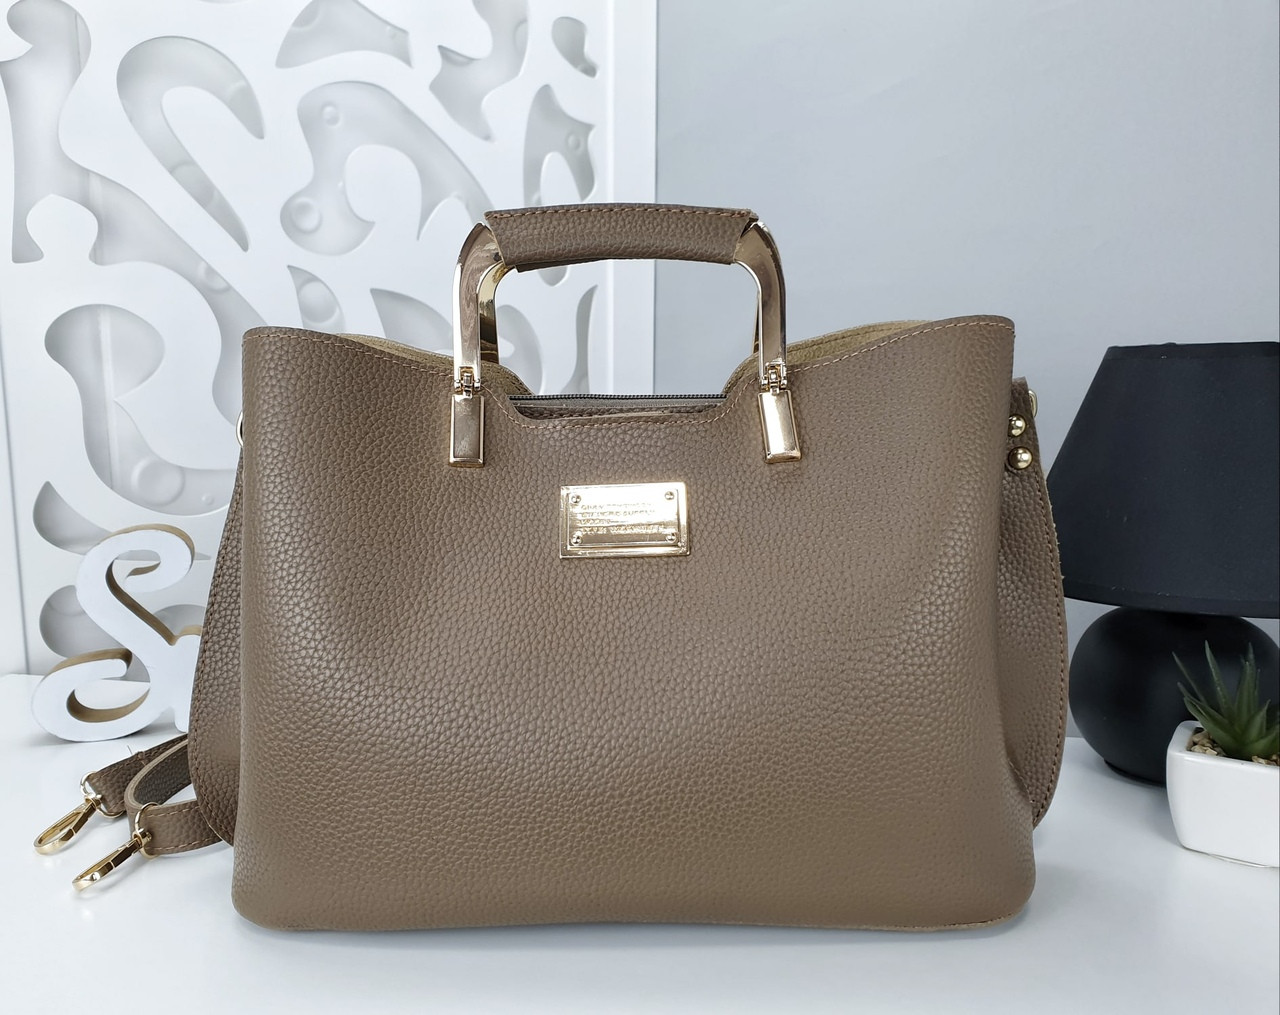 Женская сумка цвета мокко, эко-кожа структурная